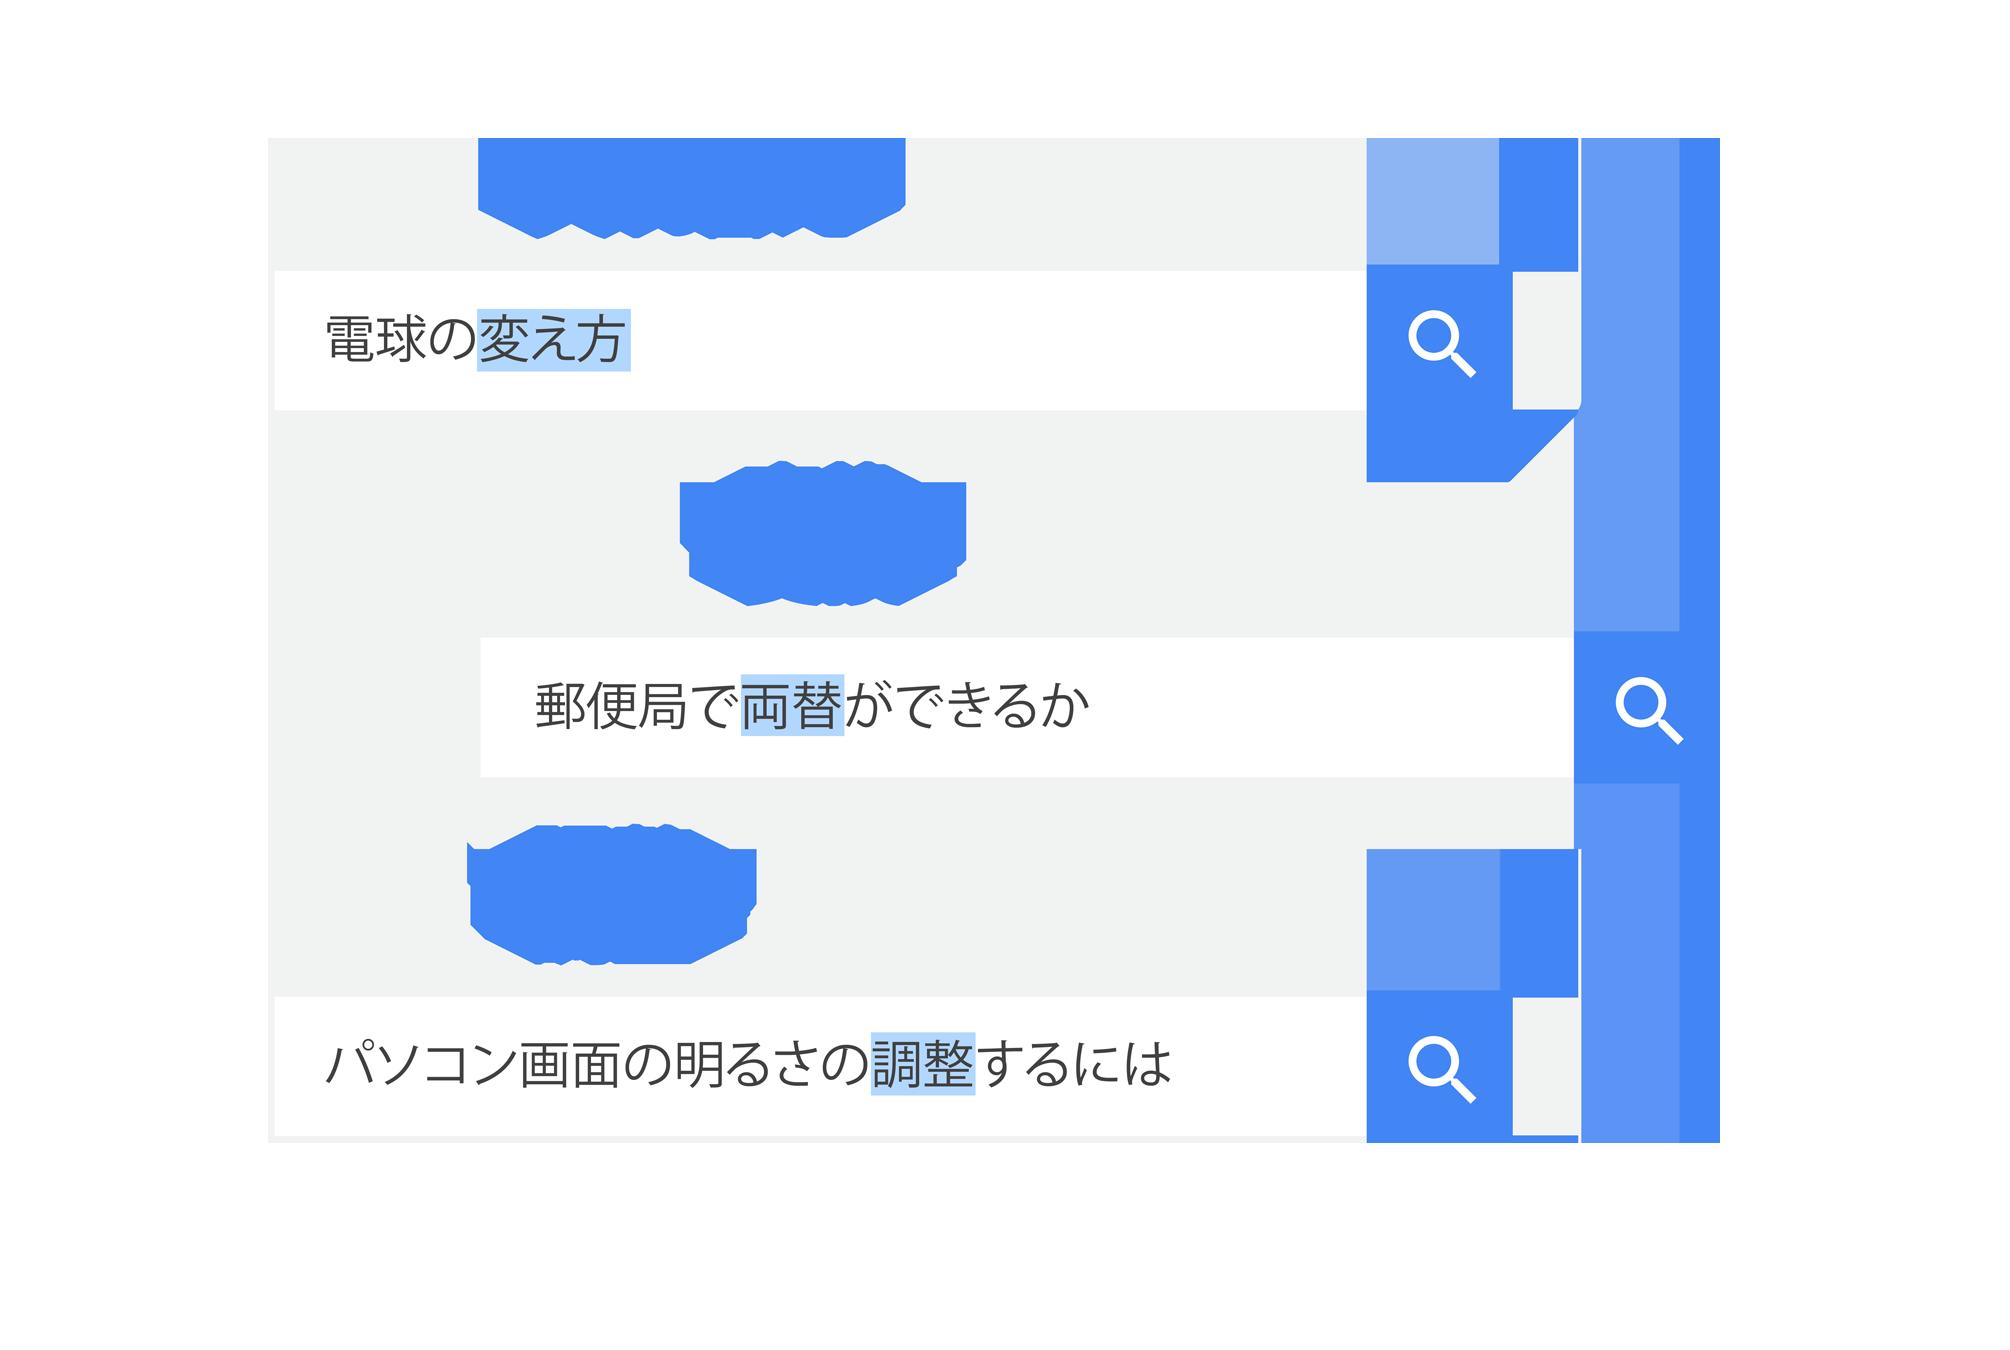 アルゴリズムは、ユーザーの検索意図を把握している